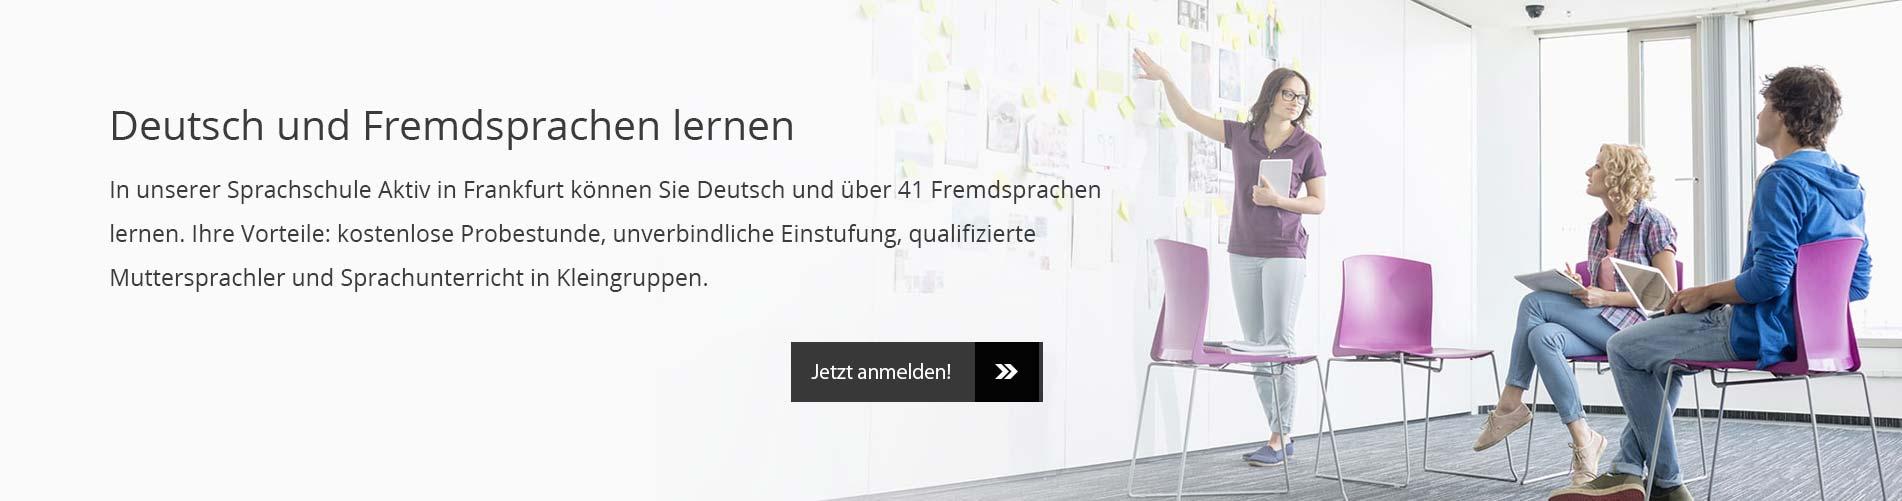 Sprachschule Frankfurt – Deutsch und Fremdsprachen lernen – Sprachschule Aktiv